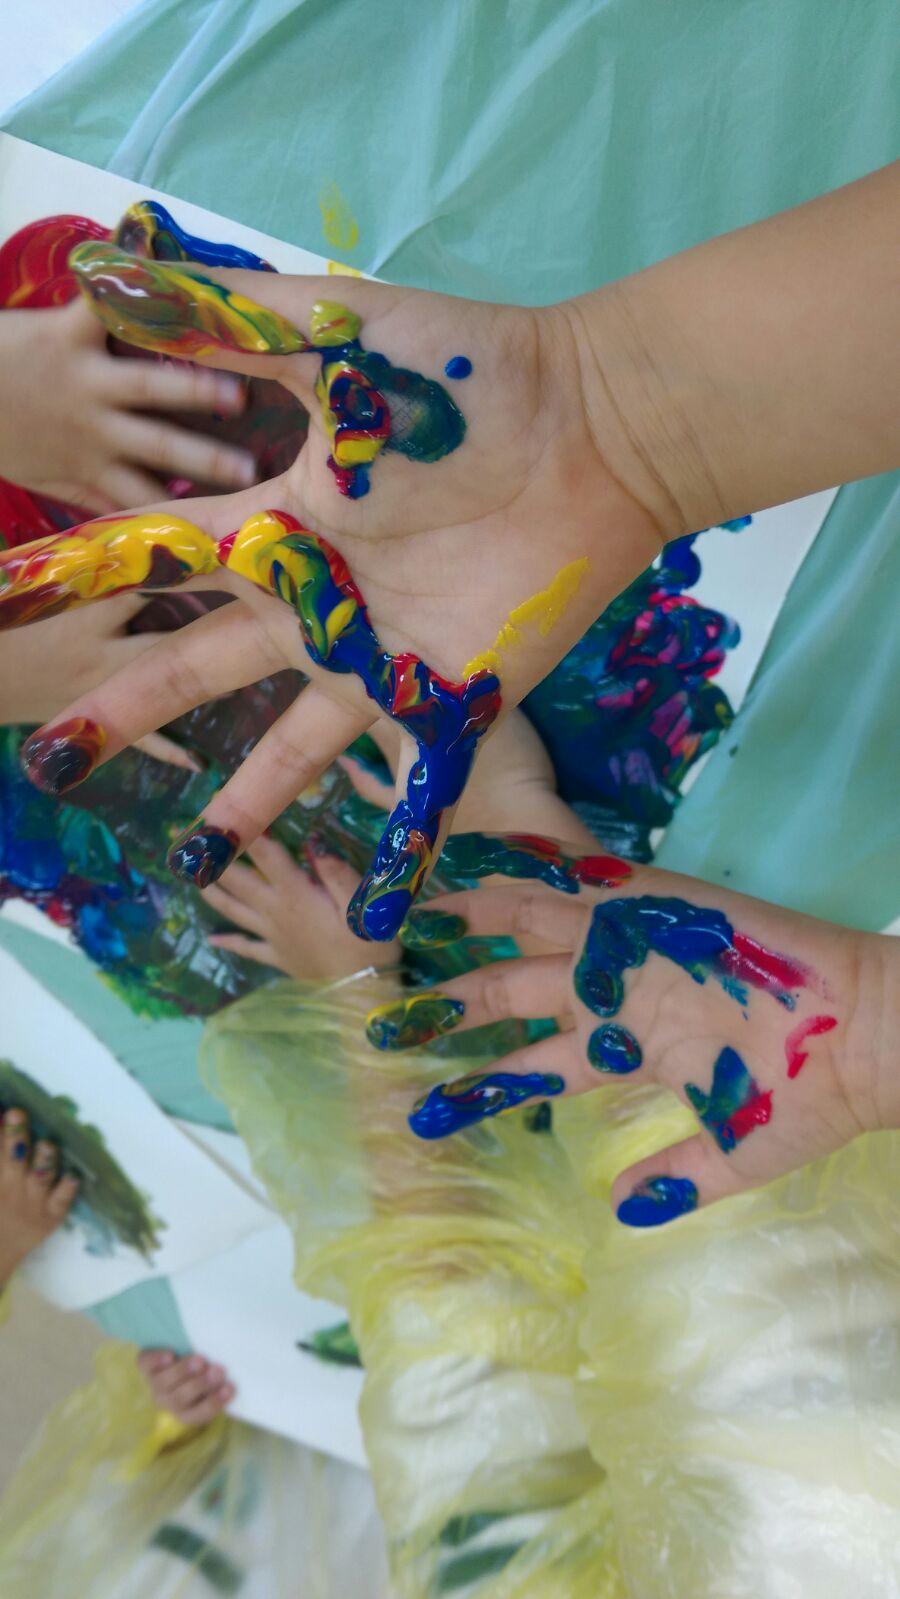 童心層層疊 – 幼兒正向情緒發展計劃服務